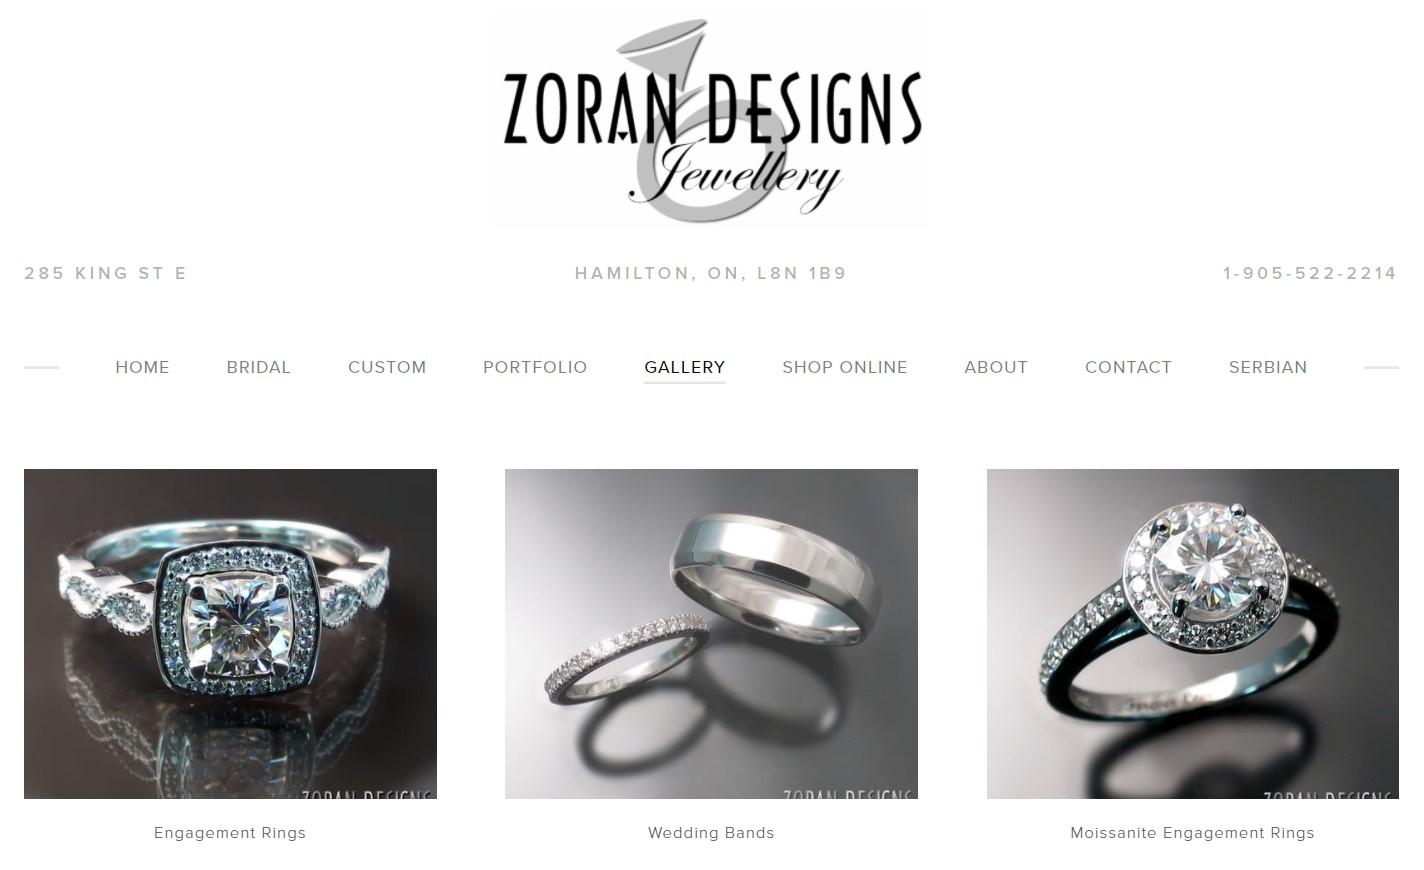 zoran designs jewelry store in hamilton